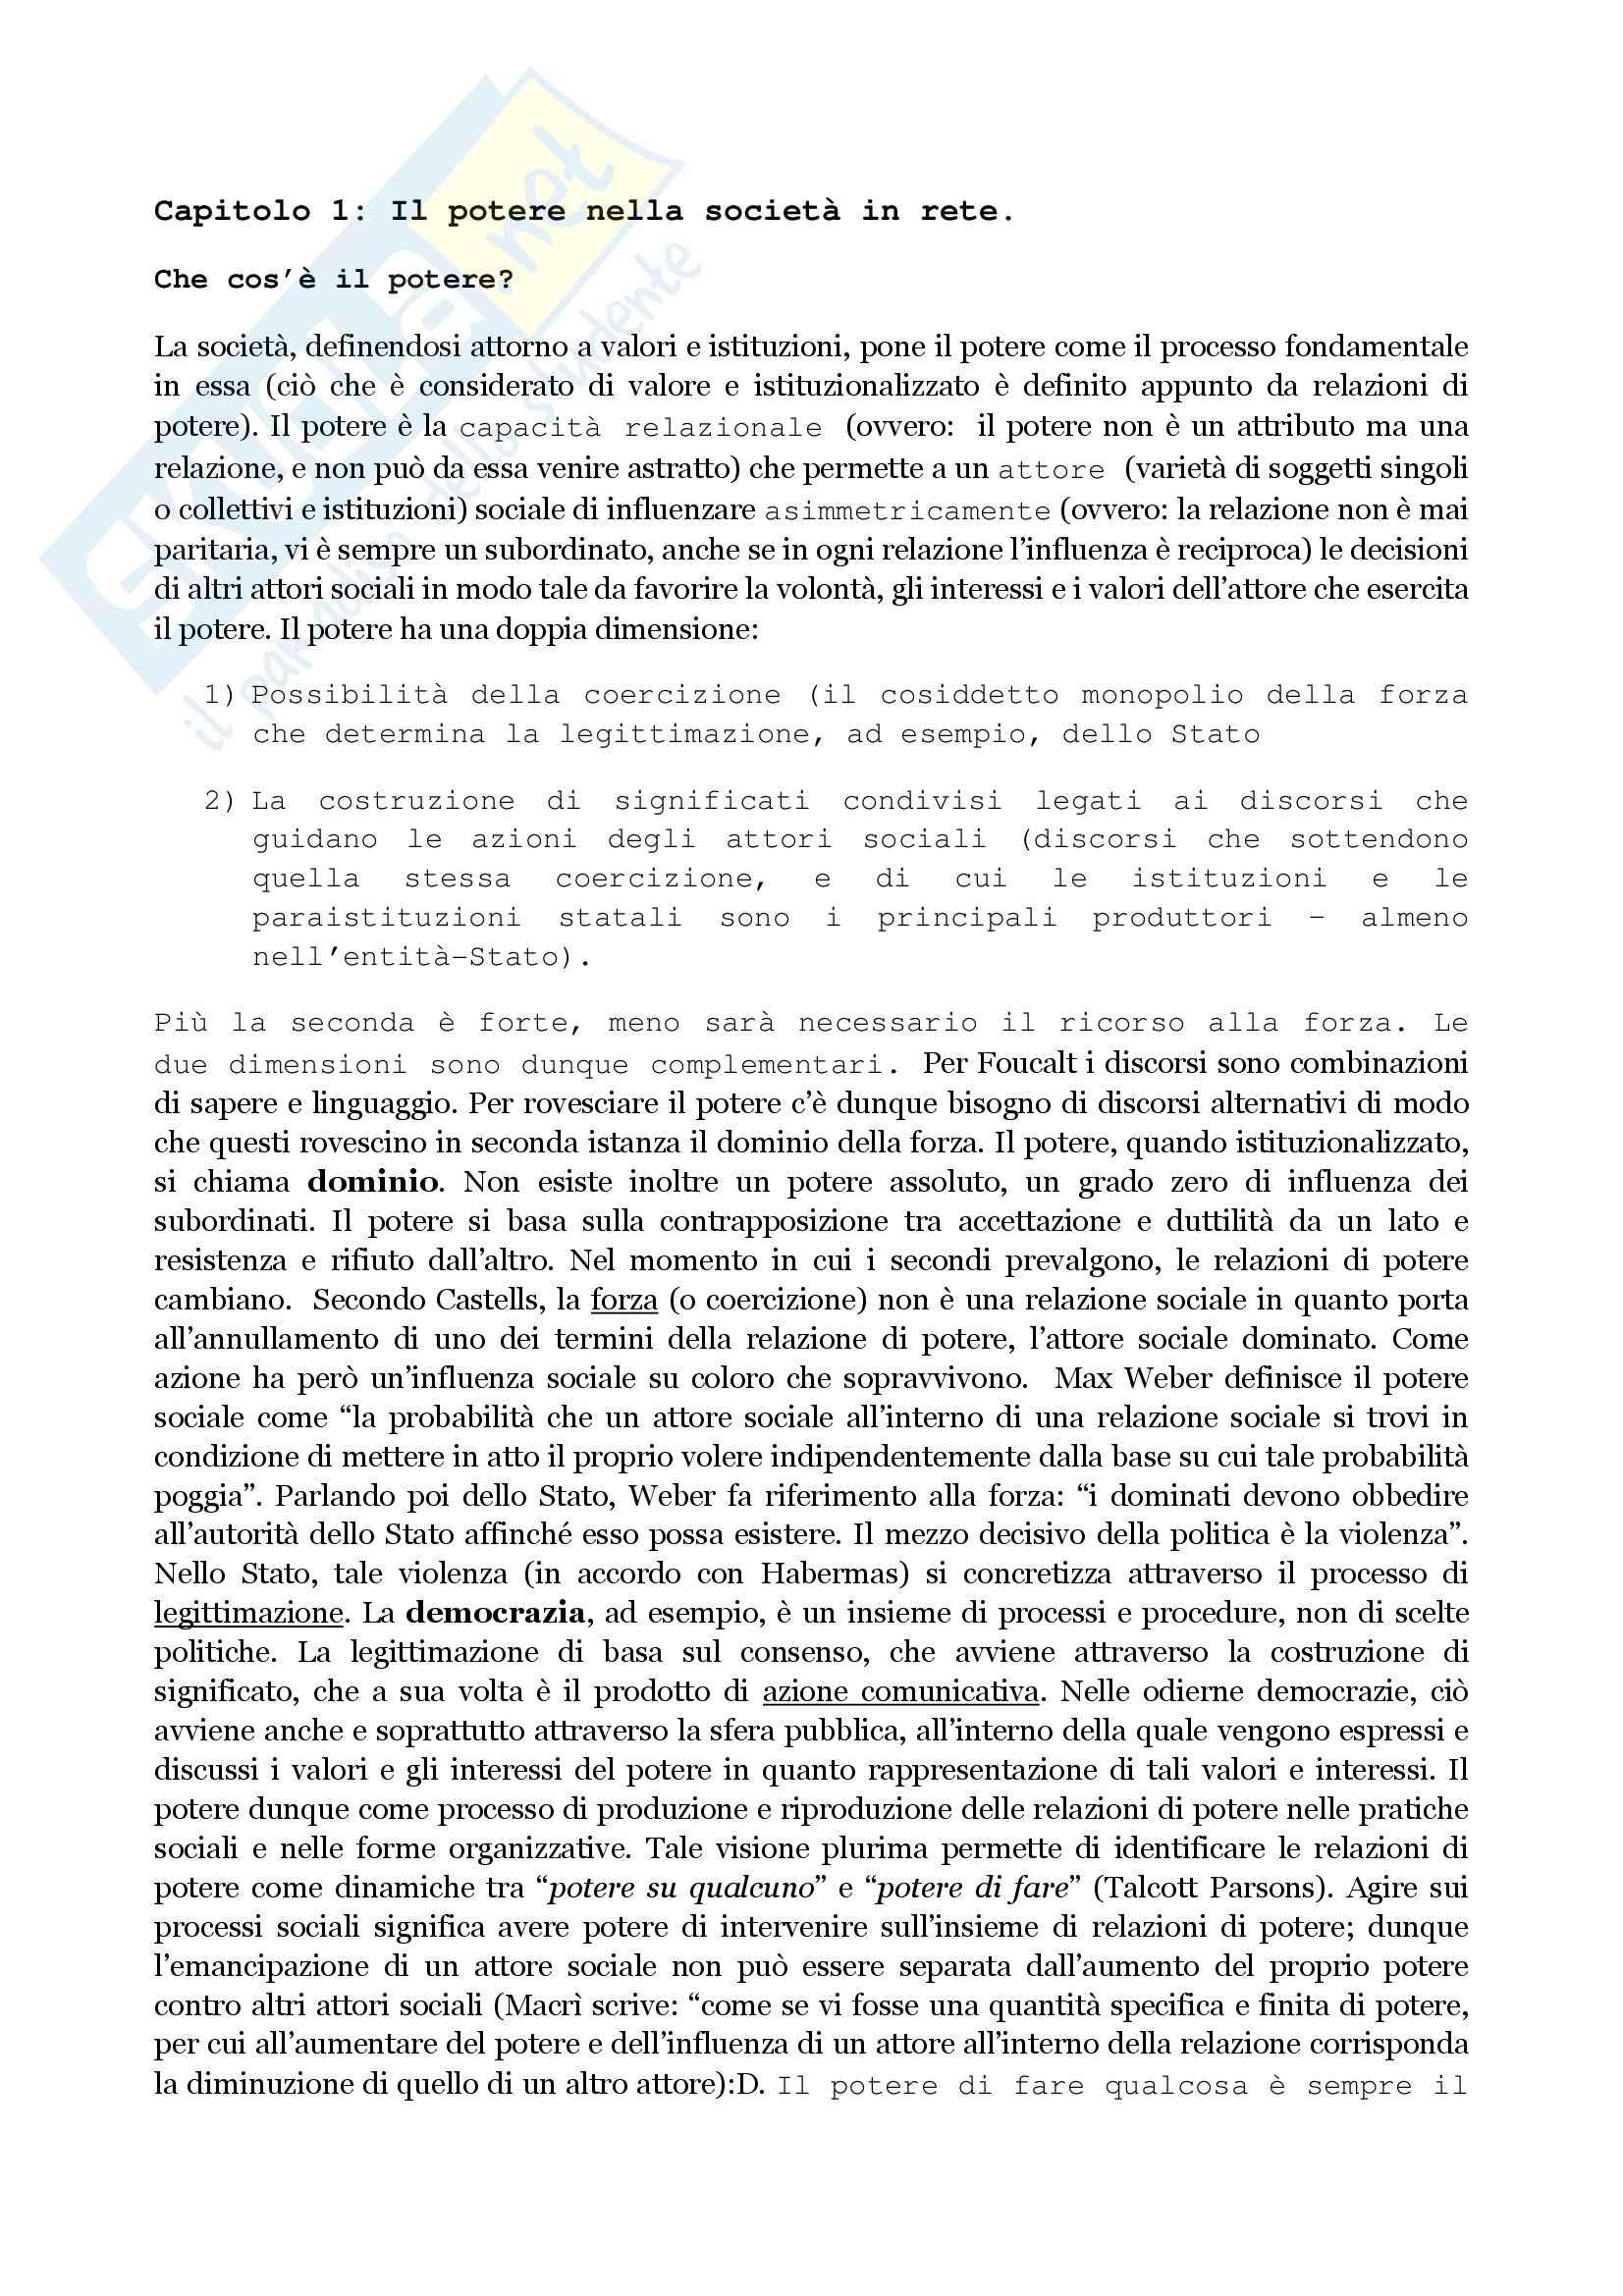 Comunicazione e potere - Castells (cap.1)